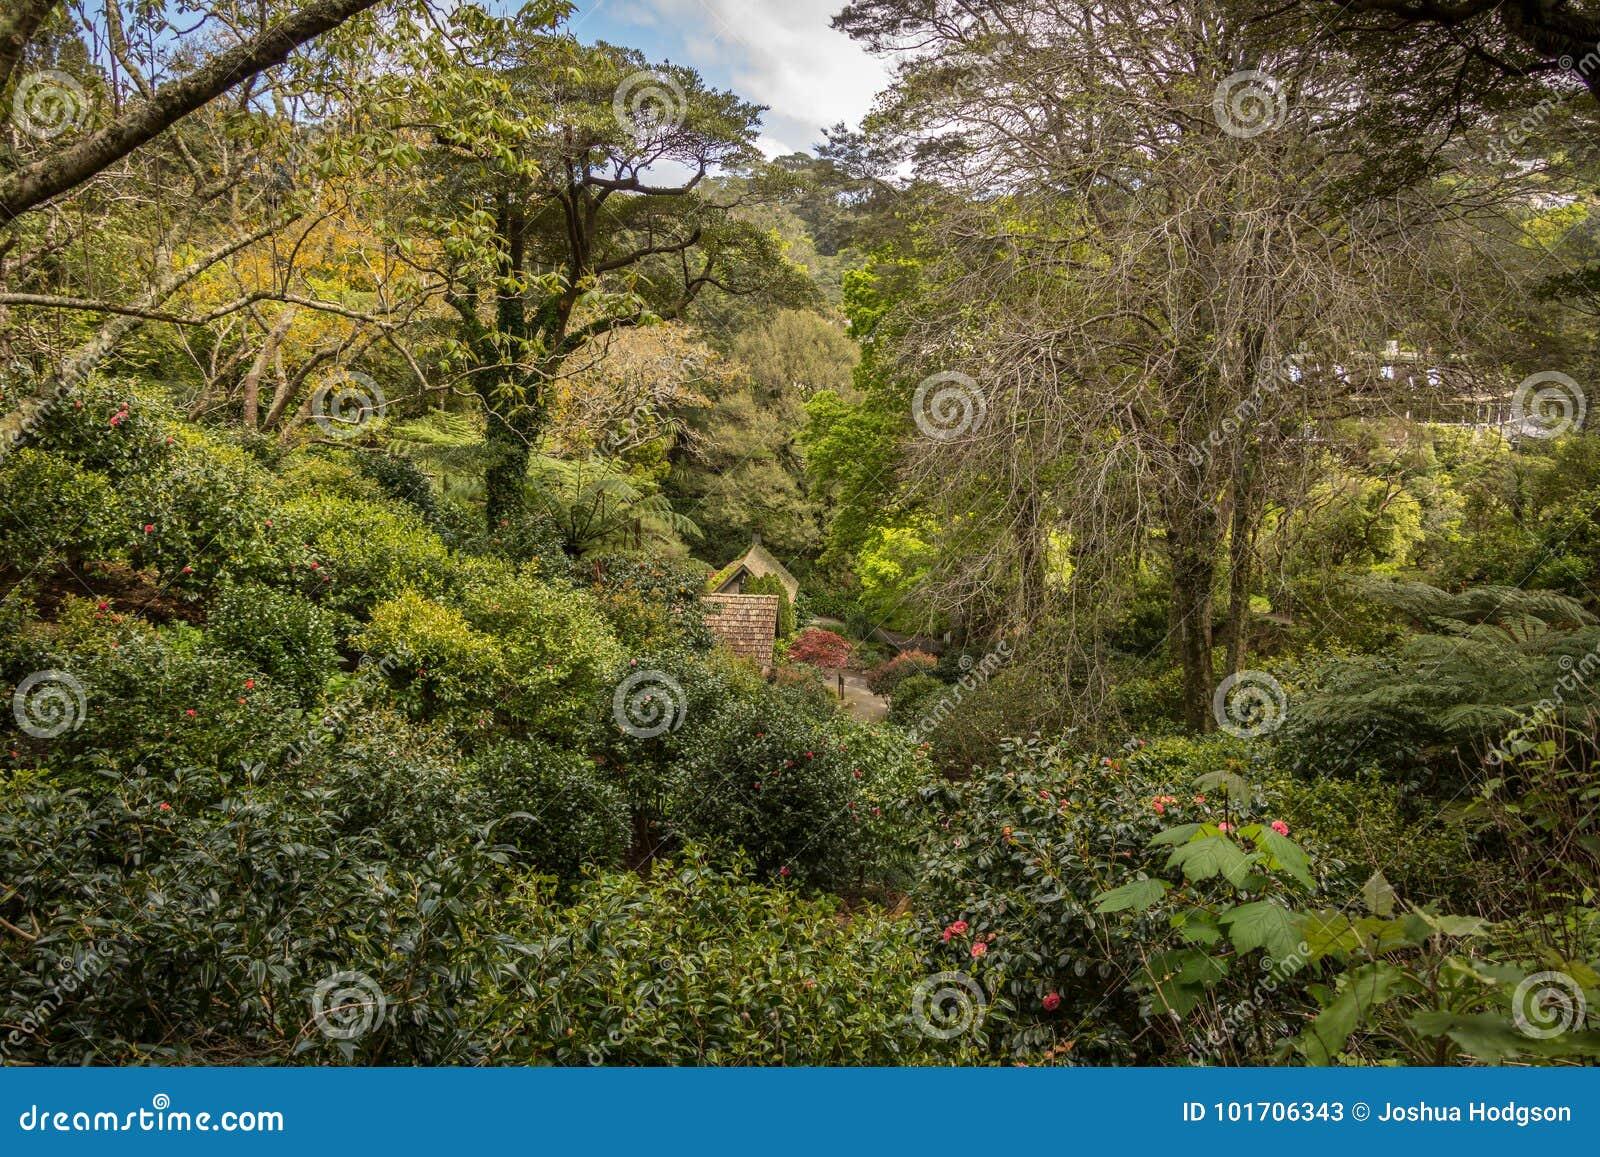 Wellington Botanic Gardens Fern Fully Stock Image - Image of fully ...